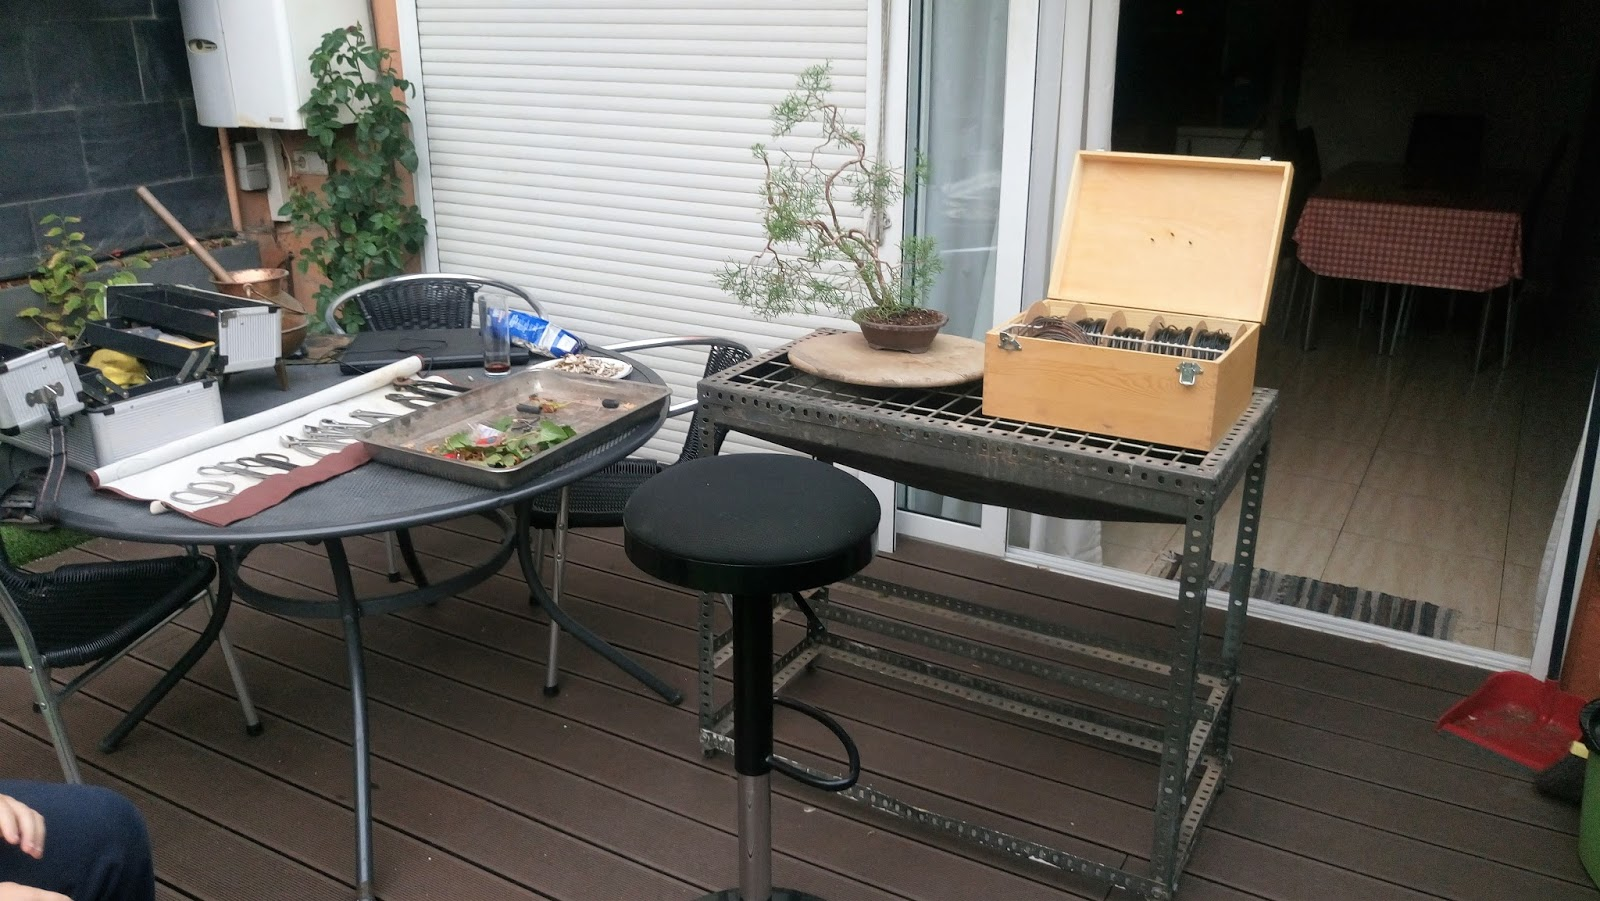 Expr sion bons i sabina el primero alambrado for Trabajos por debajo de la mesa